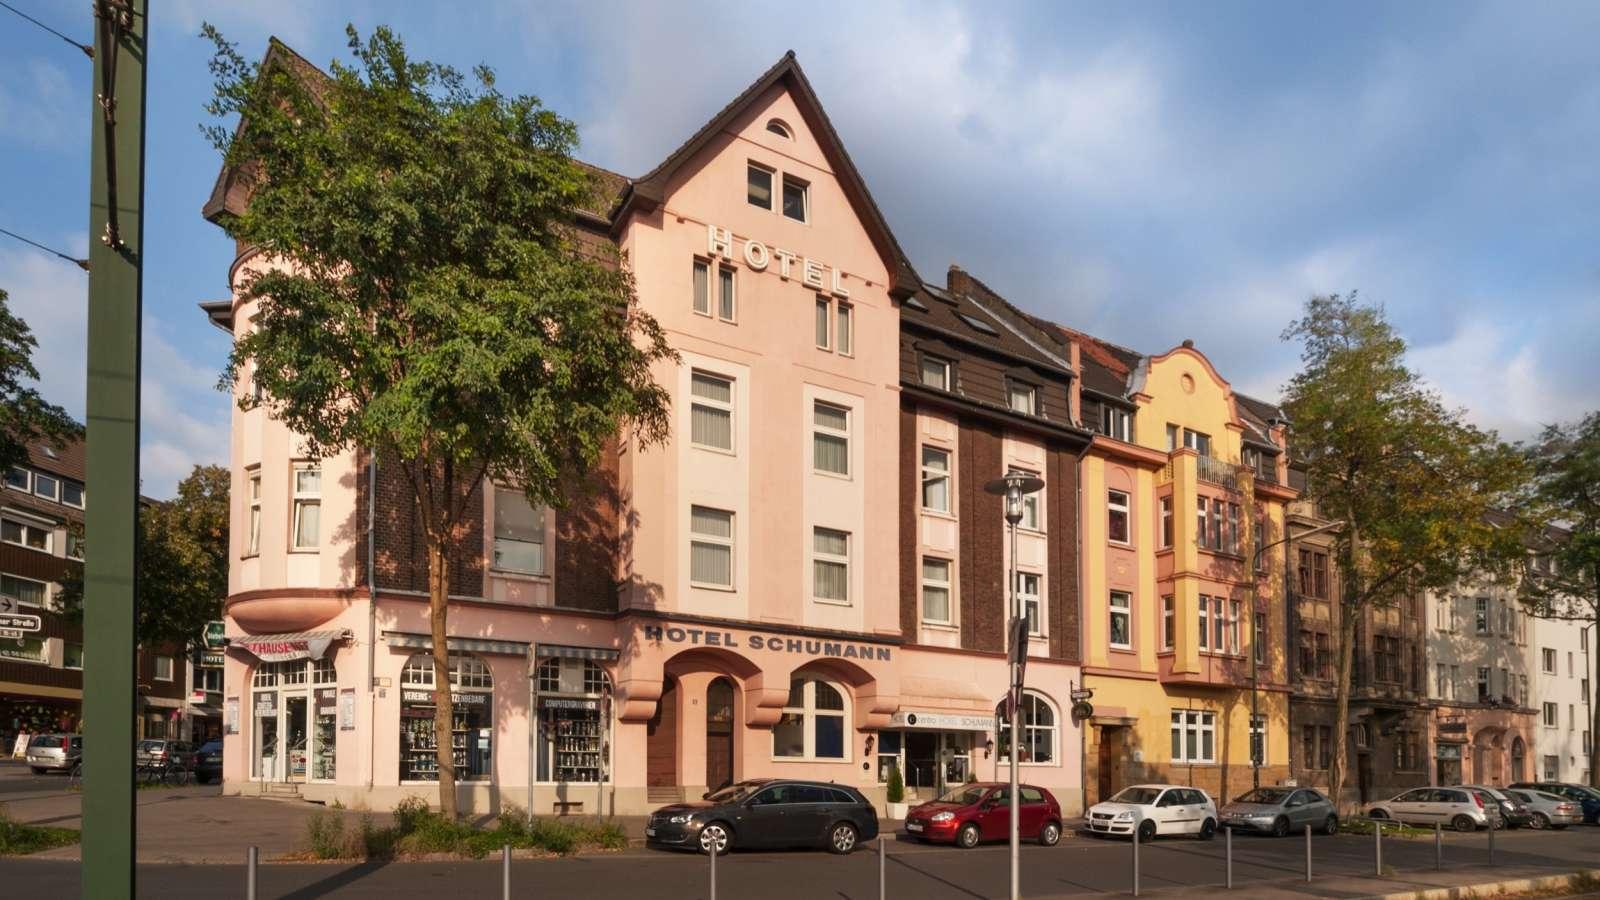 Centro hotel schumann in d sseldorf for Hotel bremen bielefeld